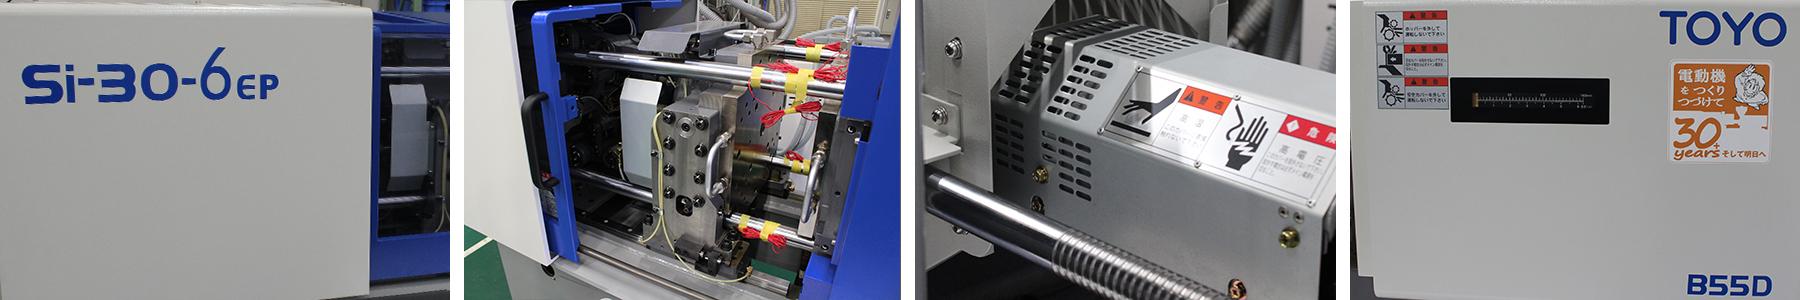 Фотографии термопластавтомата для точного литья пластмасс